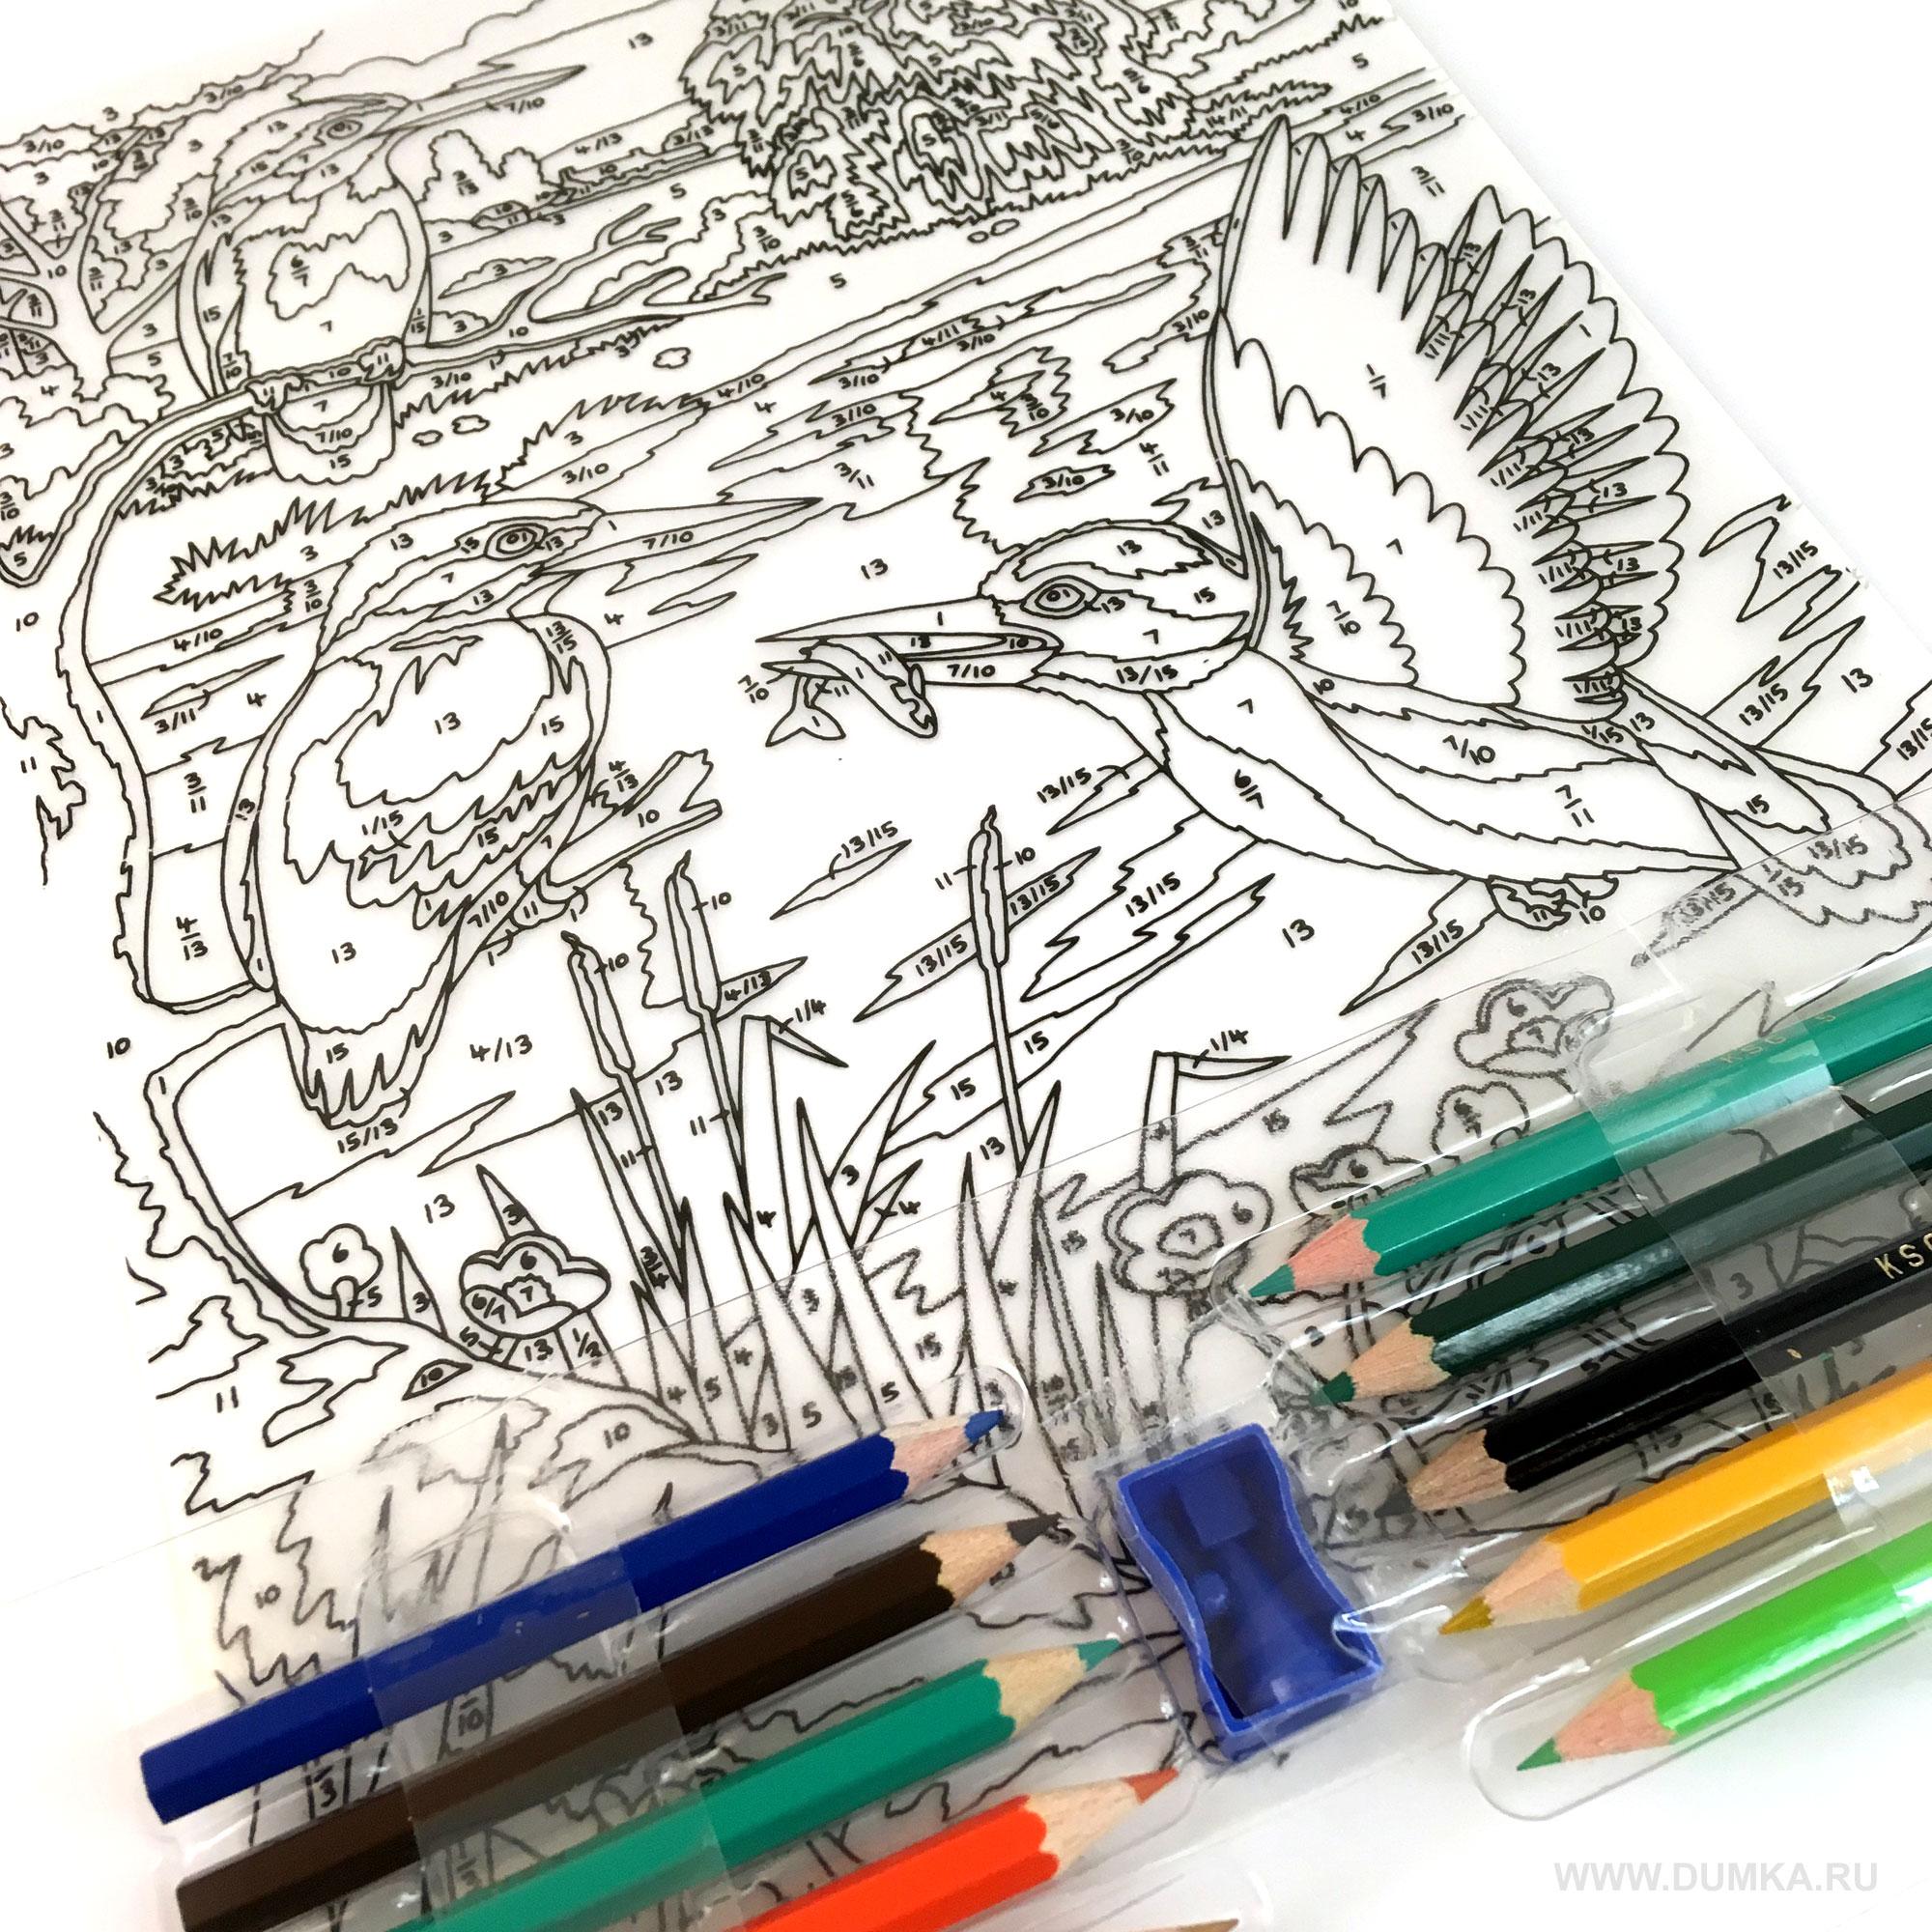 самом деле картинки по номерам карандашами стенды могут